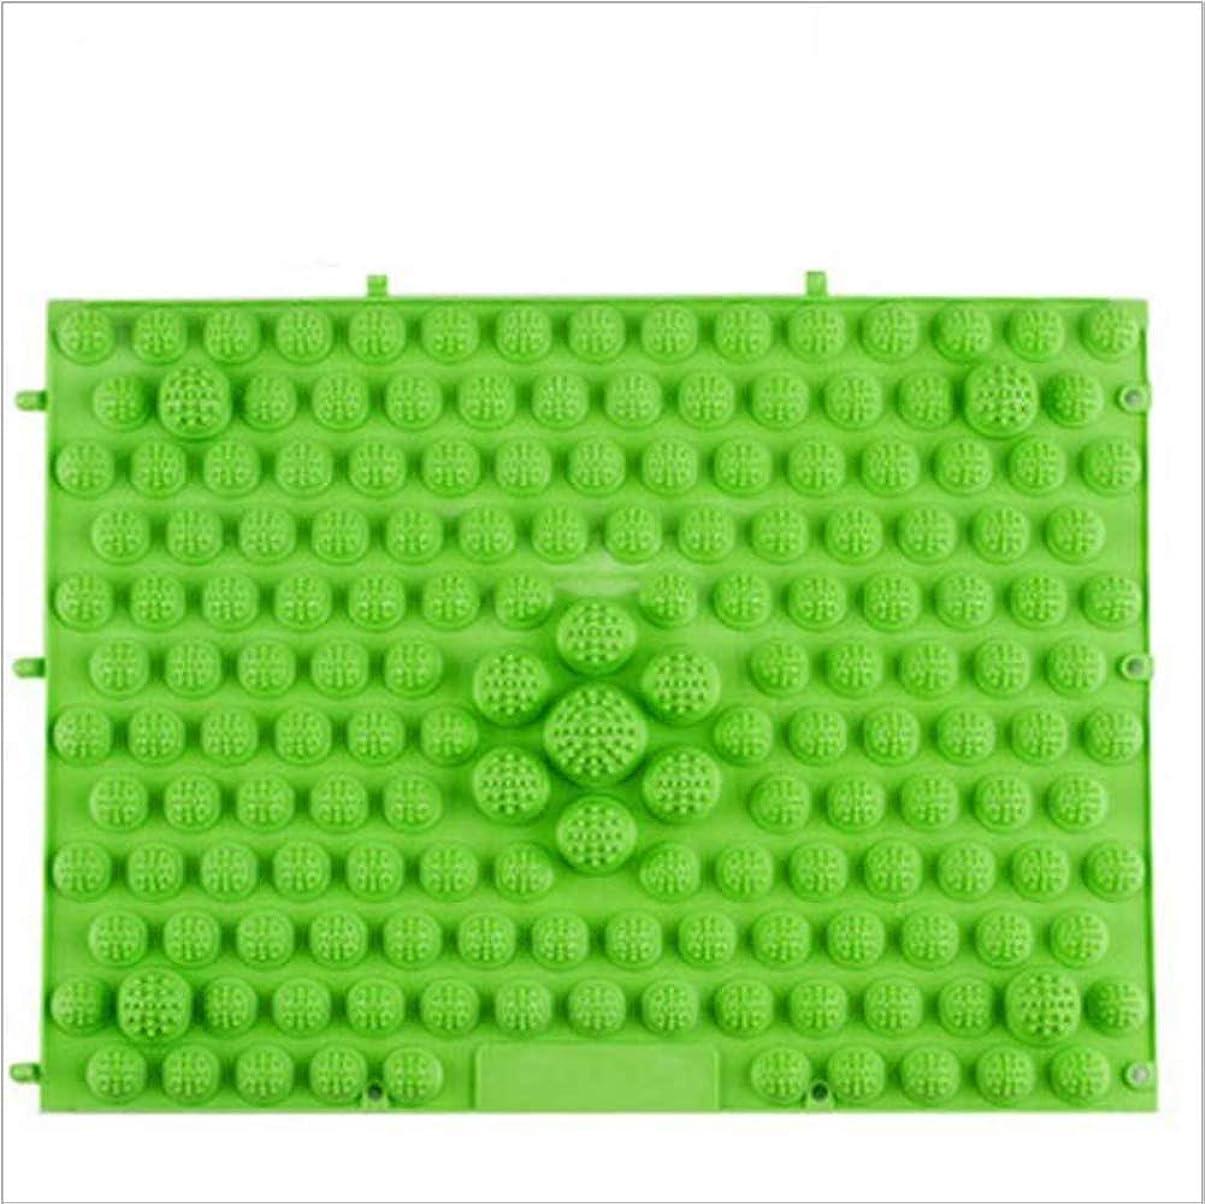 バイオリニスト元の補償ウォークマット 裏板セット(ABS樹脂製補強板付き) (グリーン)